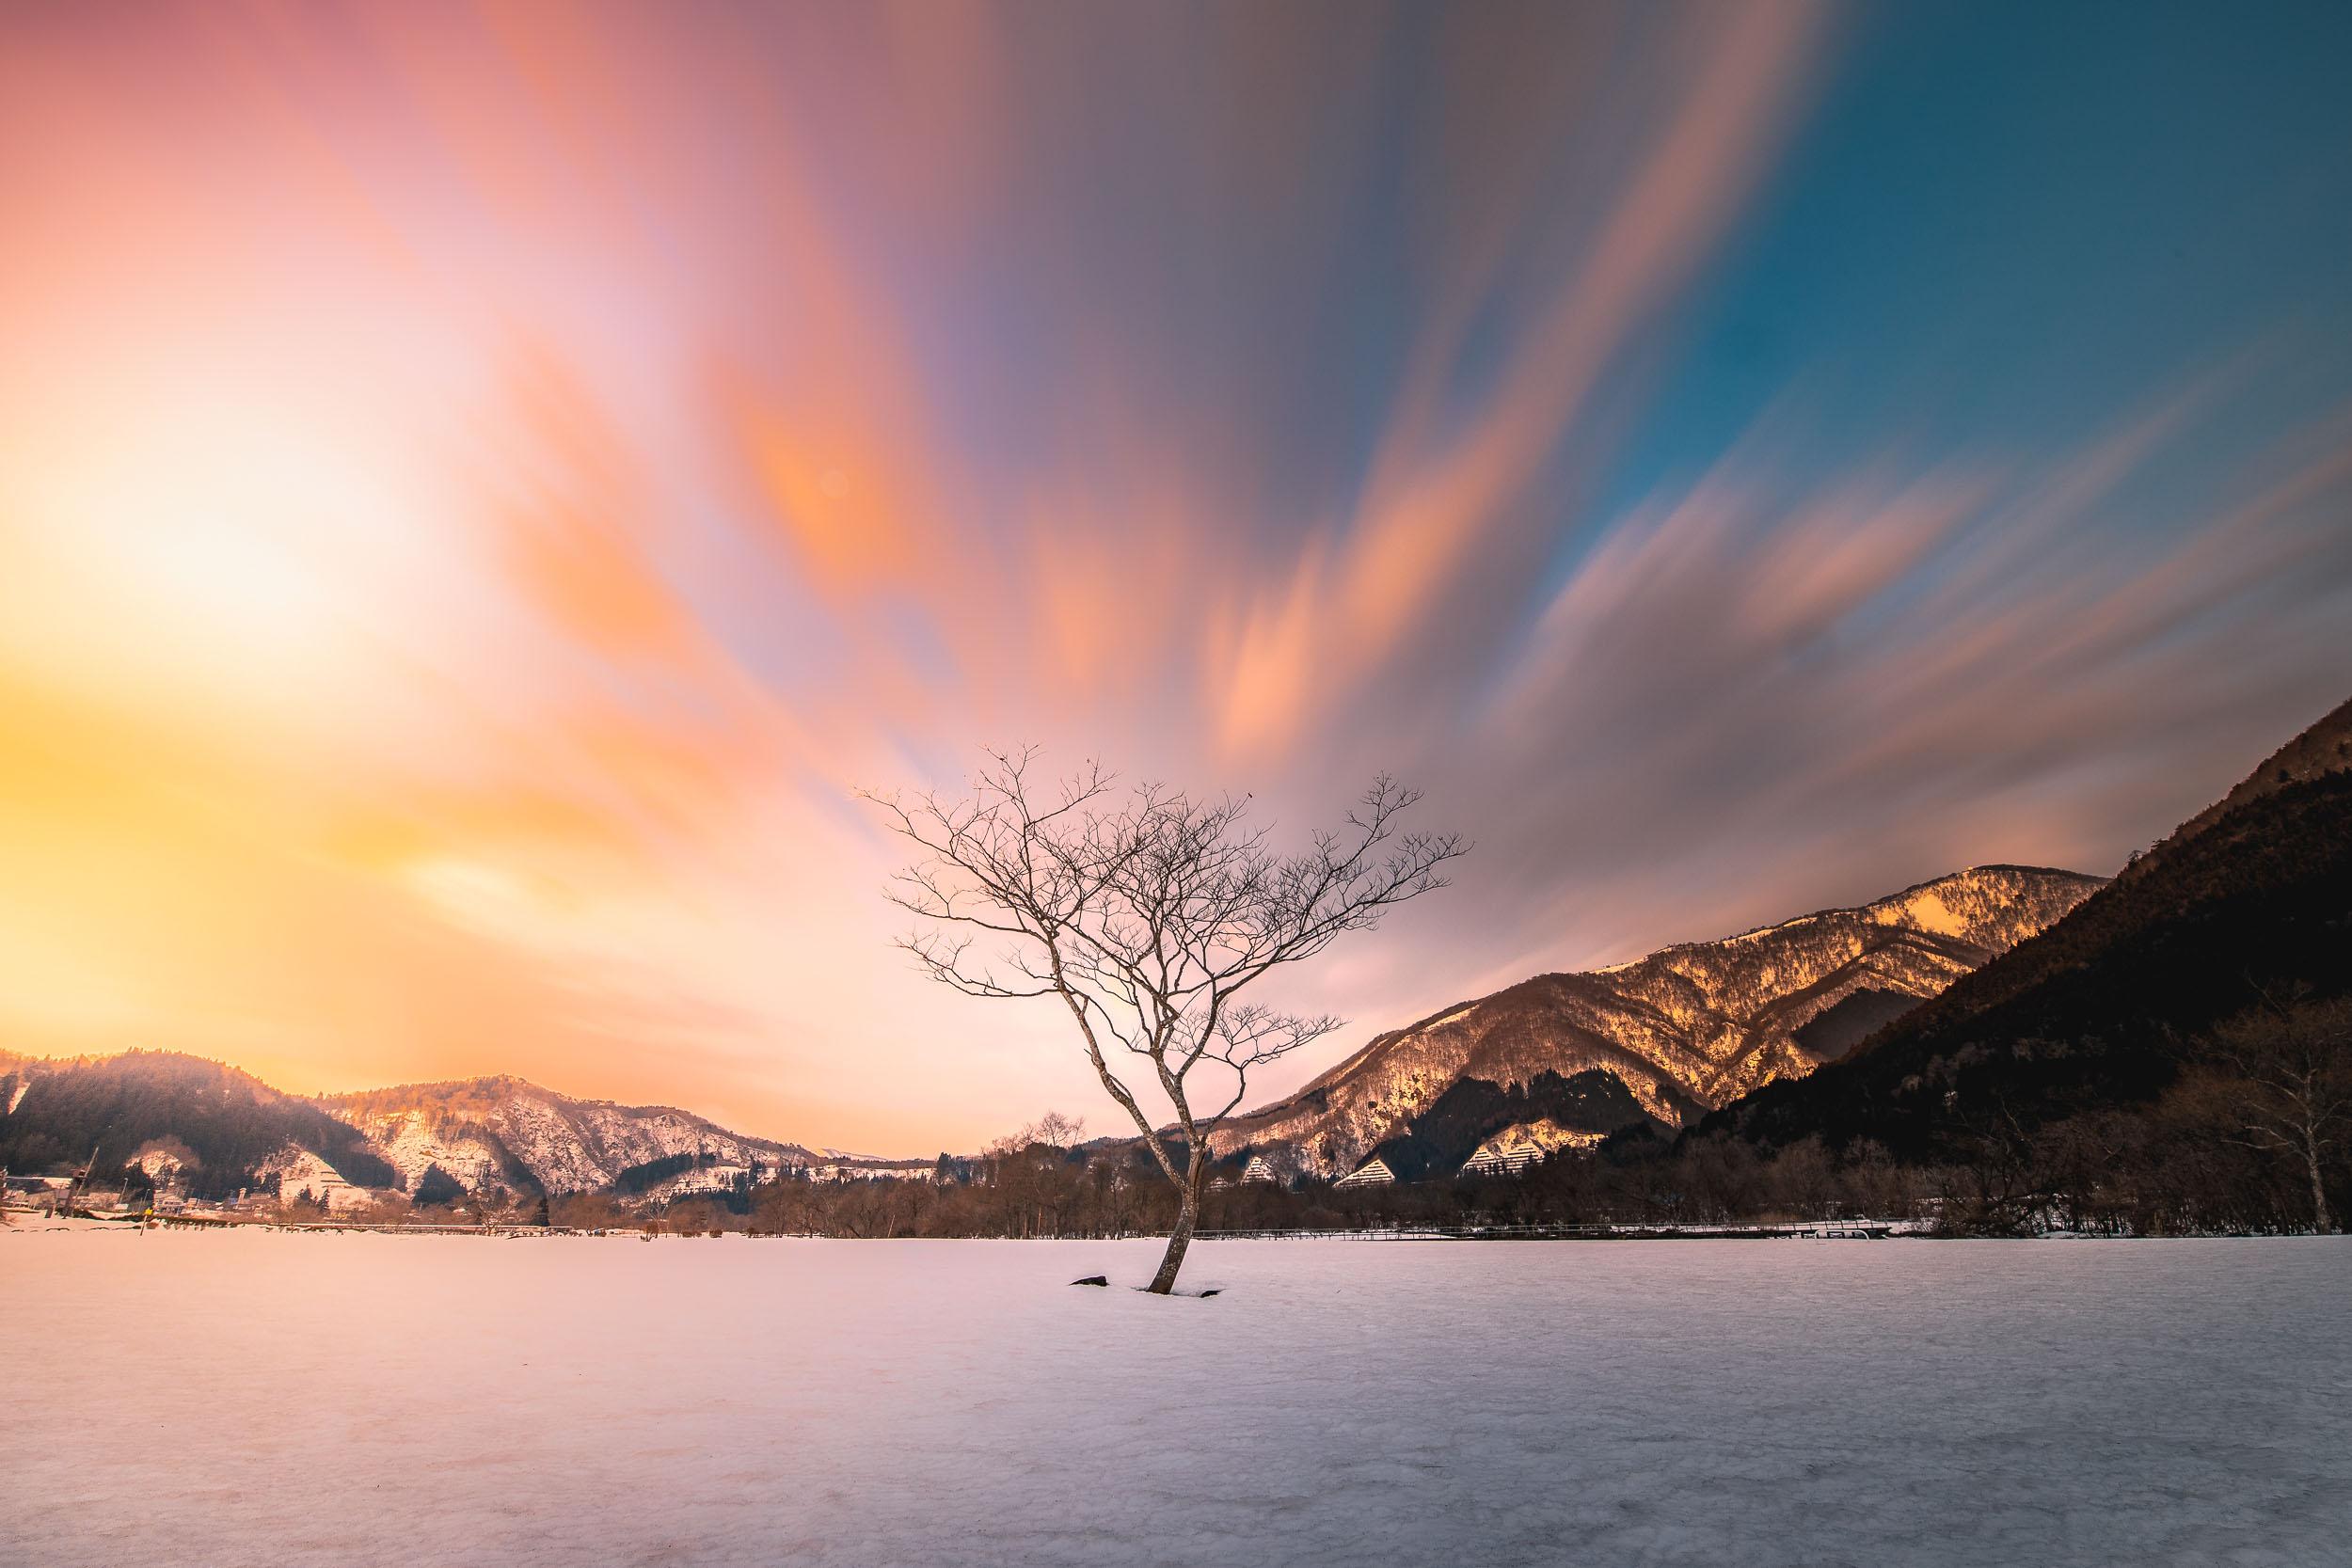 Lone tree during sunrise - Naruko-onsen